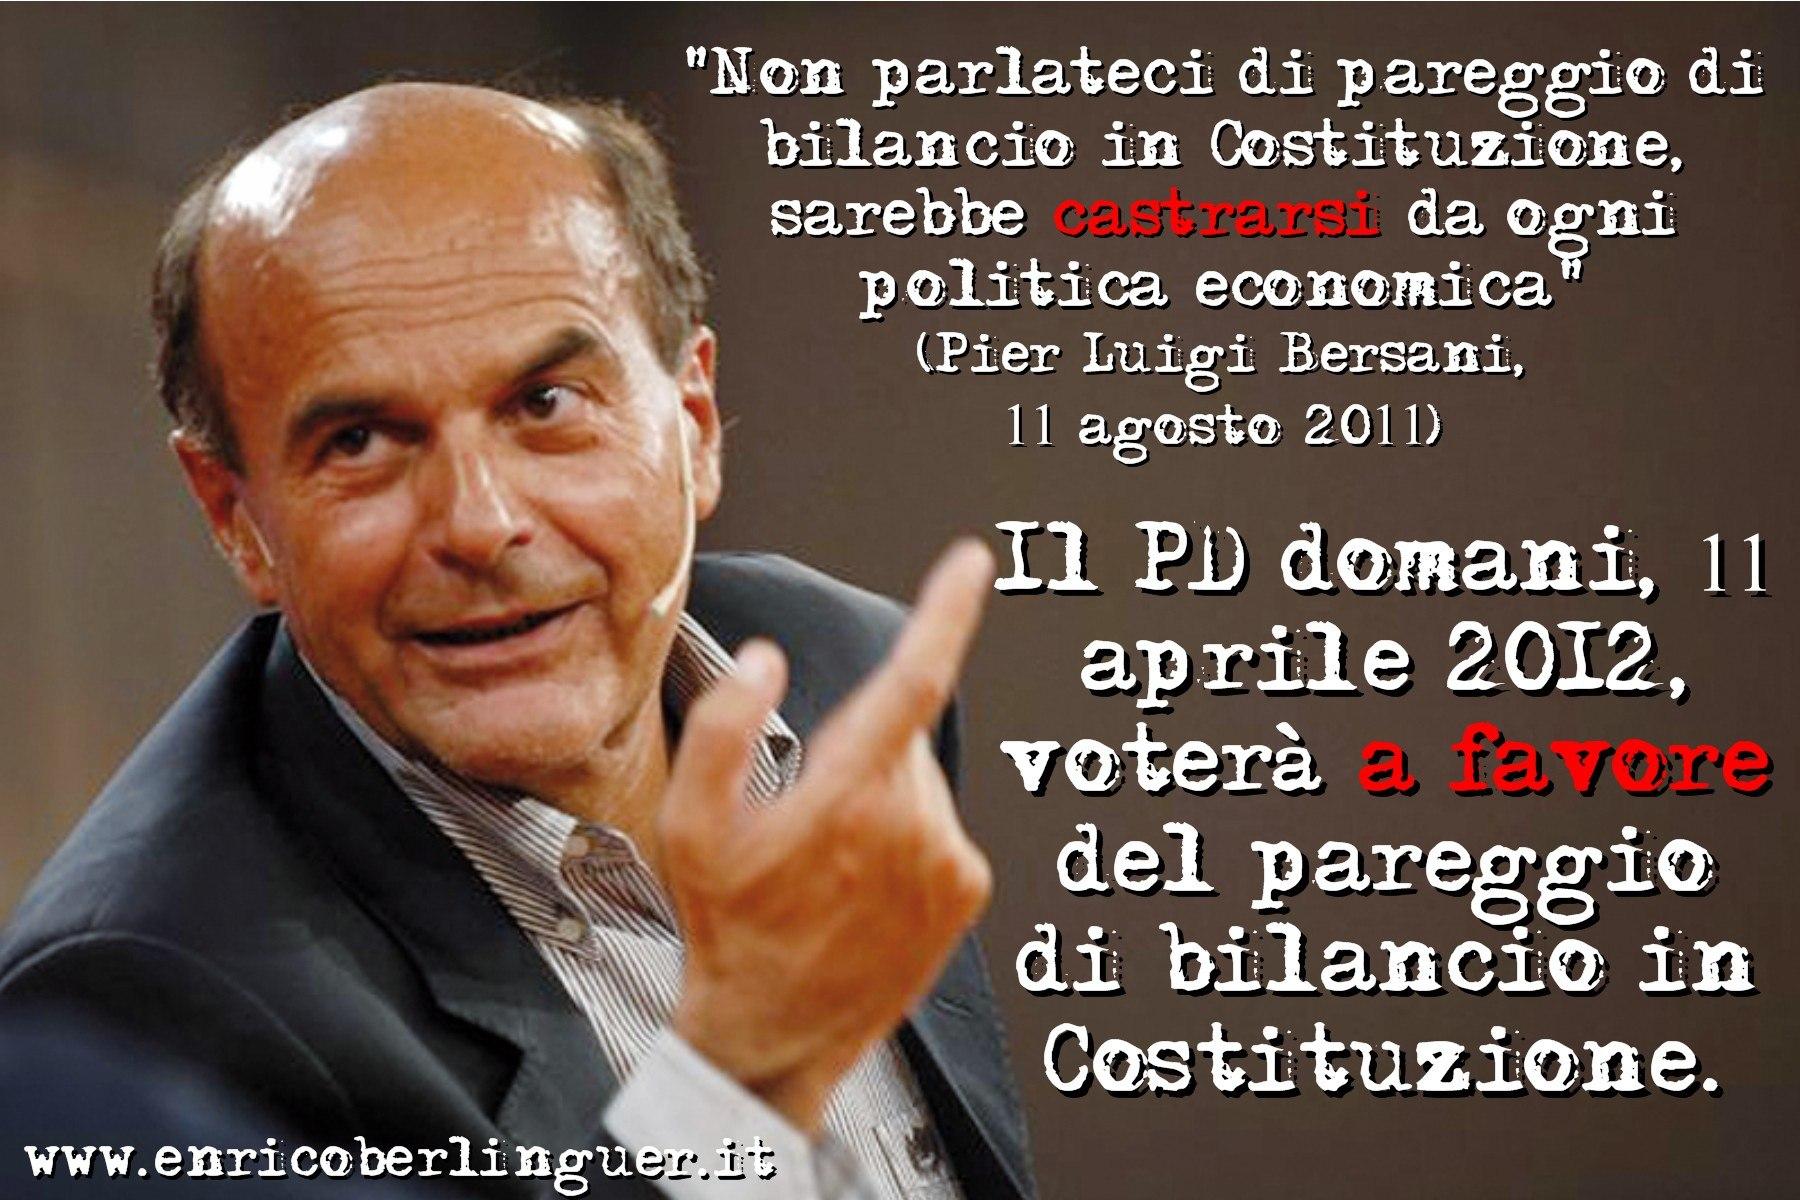 http://www.qualcosadisinistra.it/wp-content/uploads/2012/04/pareggio.jpg